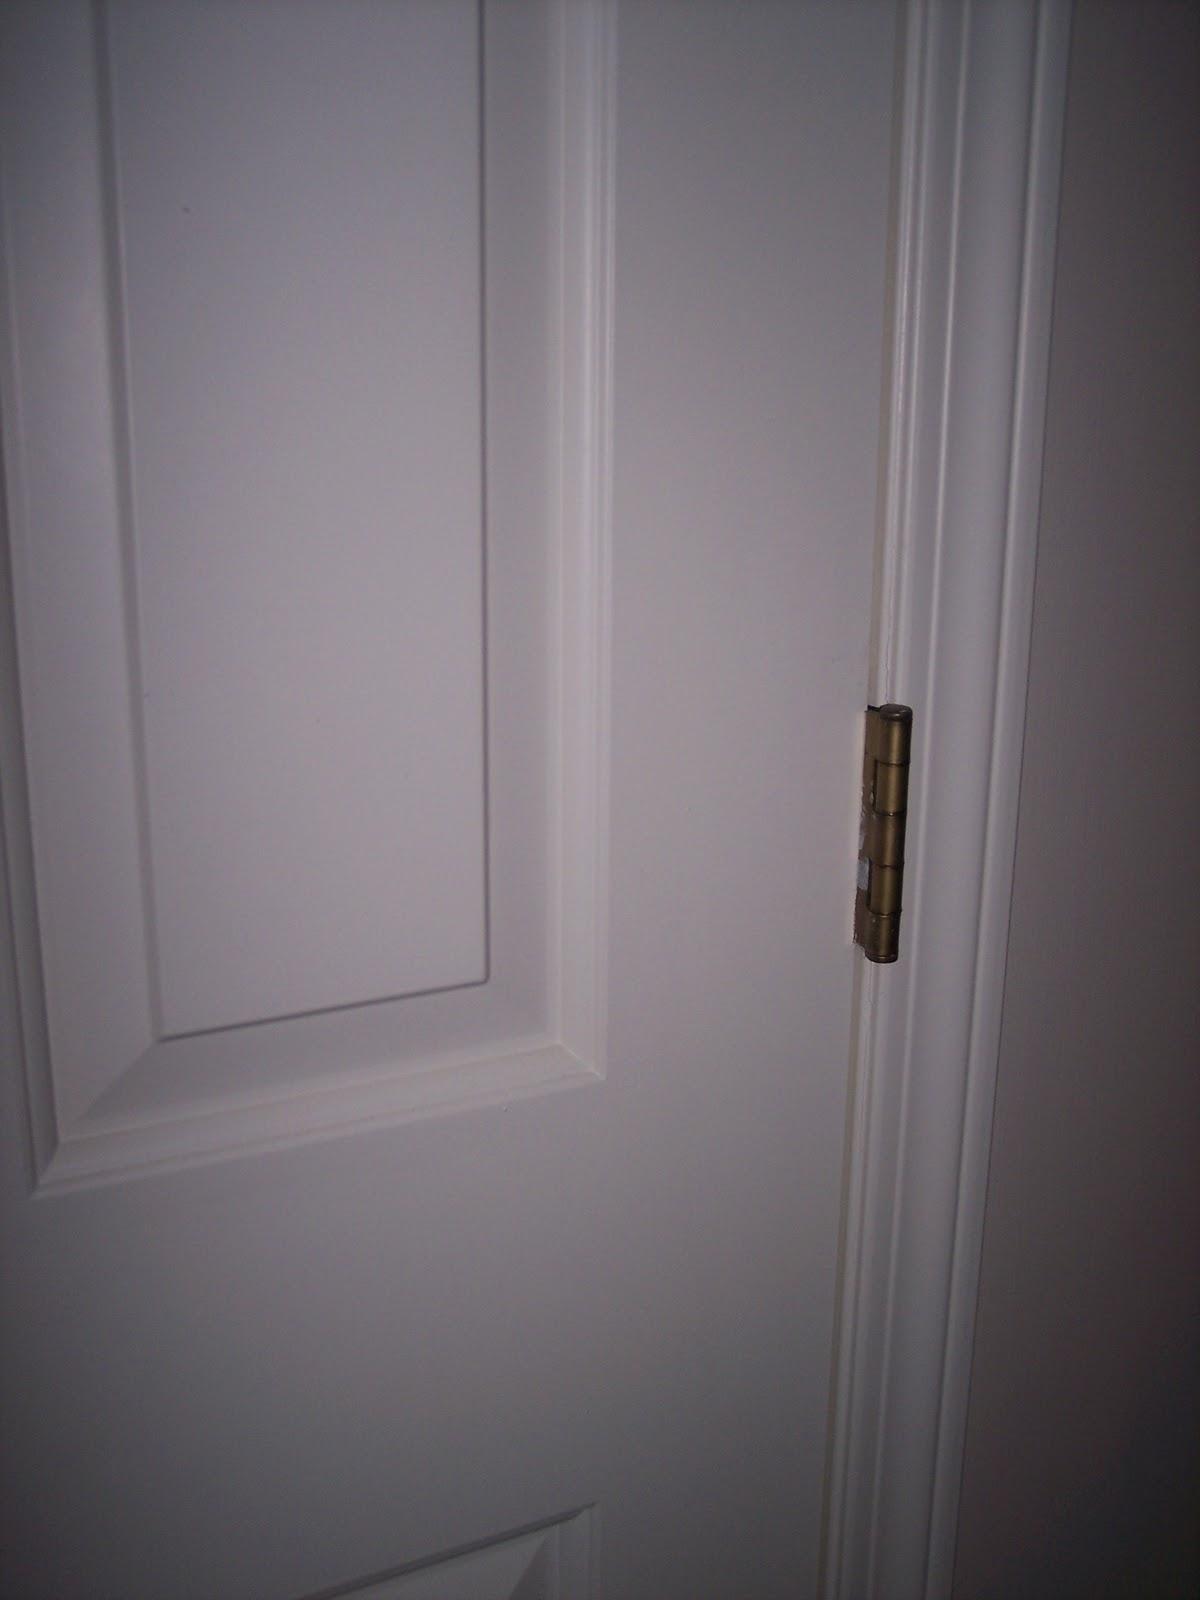 Change kitchen cabinet doors - Change kitchen cupboard doors ...